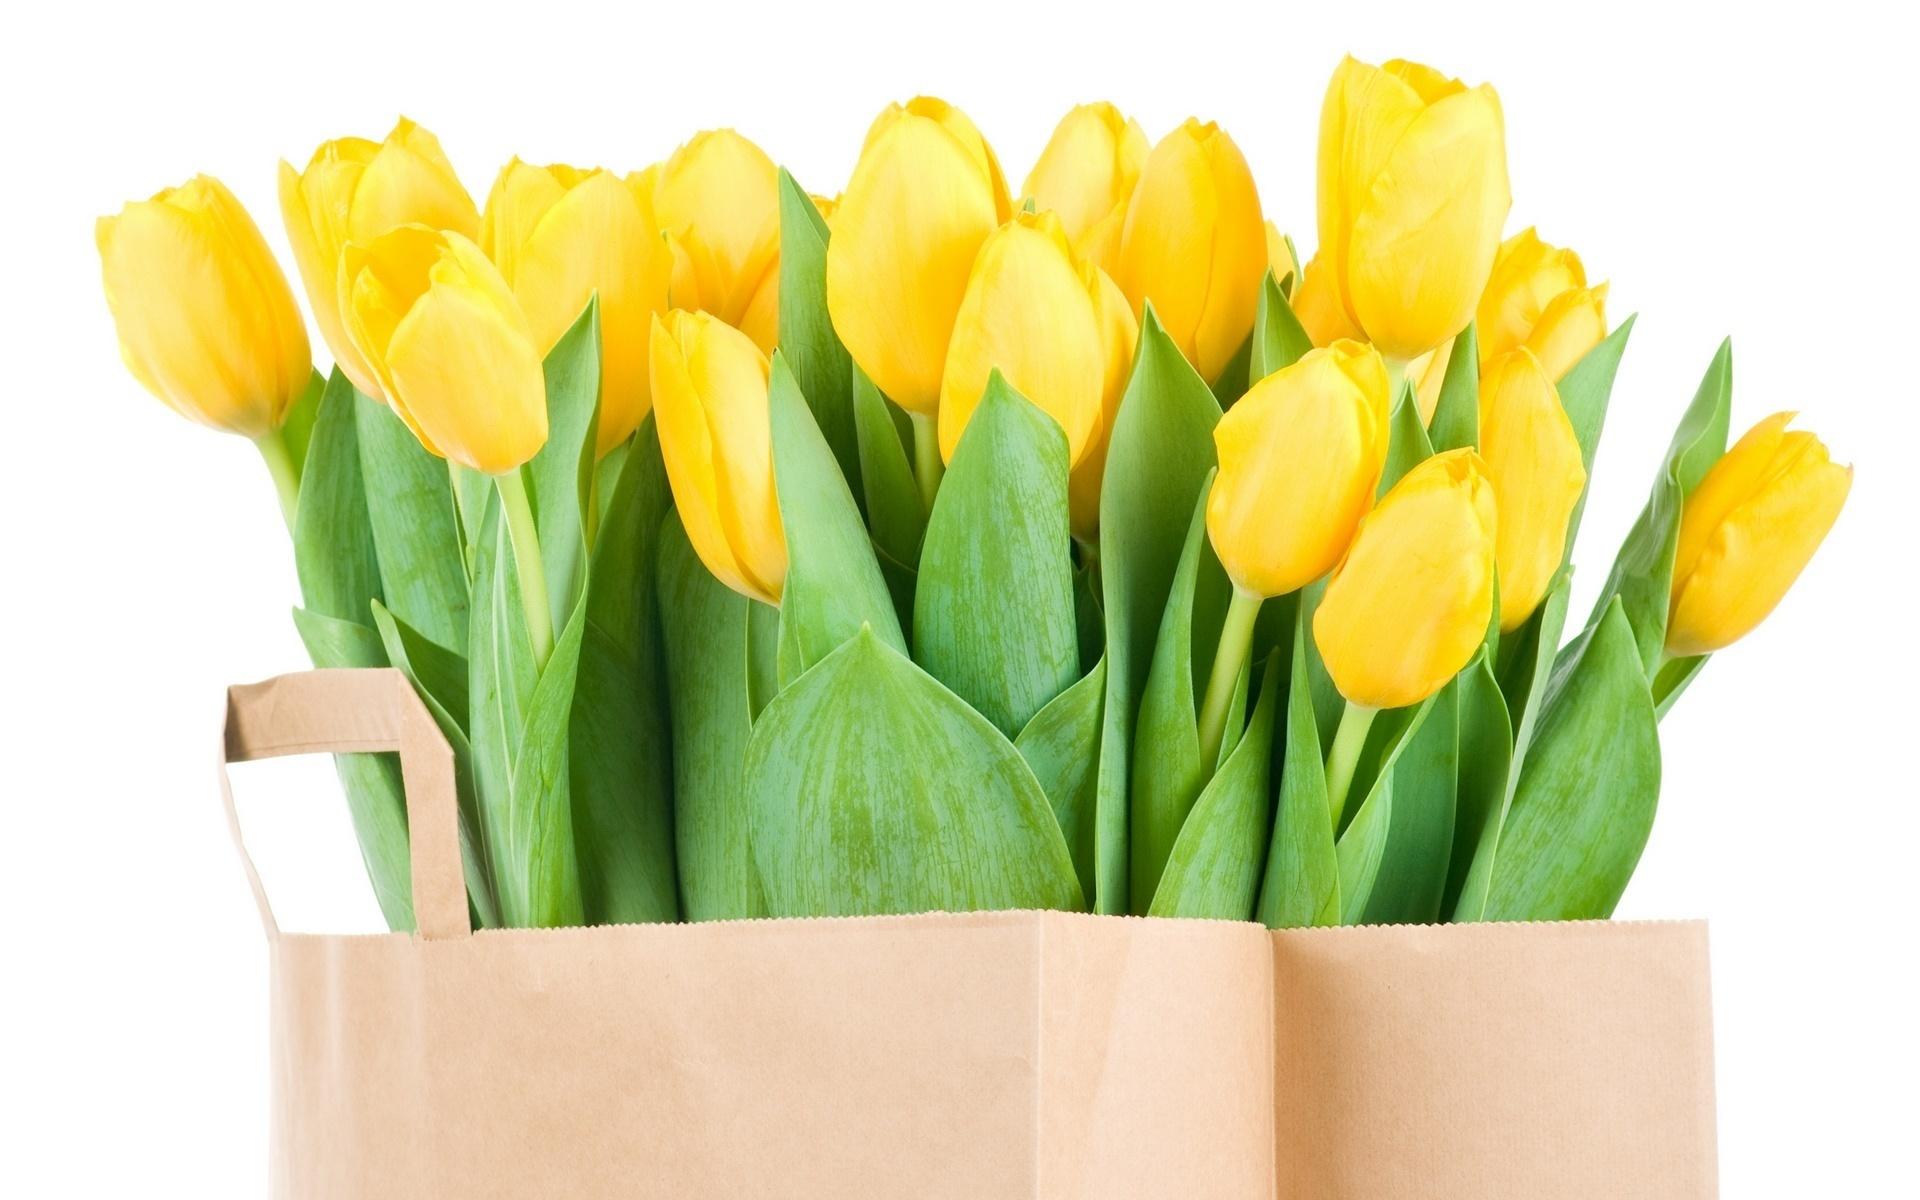 пакет с желтыми тюльпанами, цветы